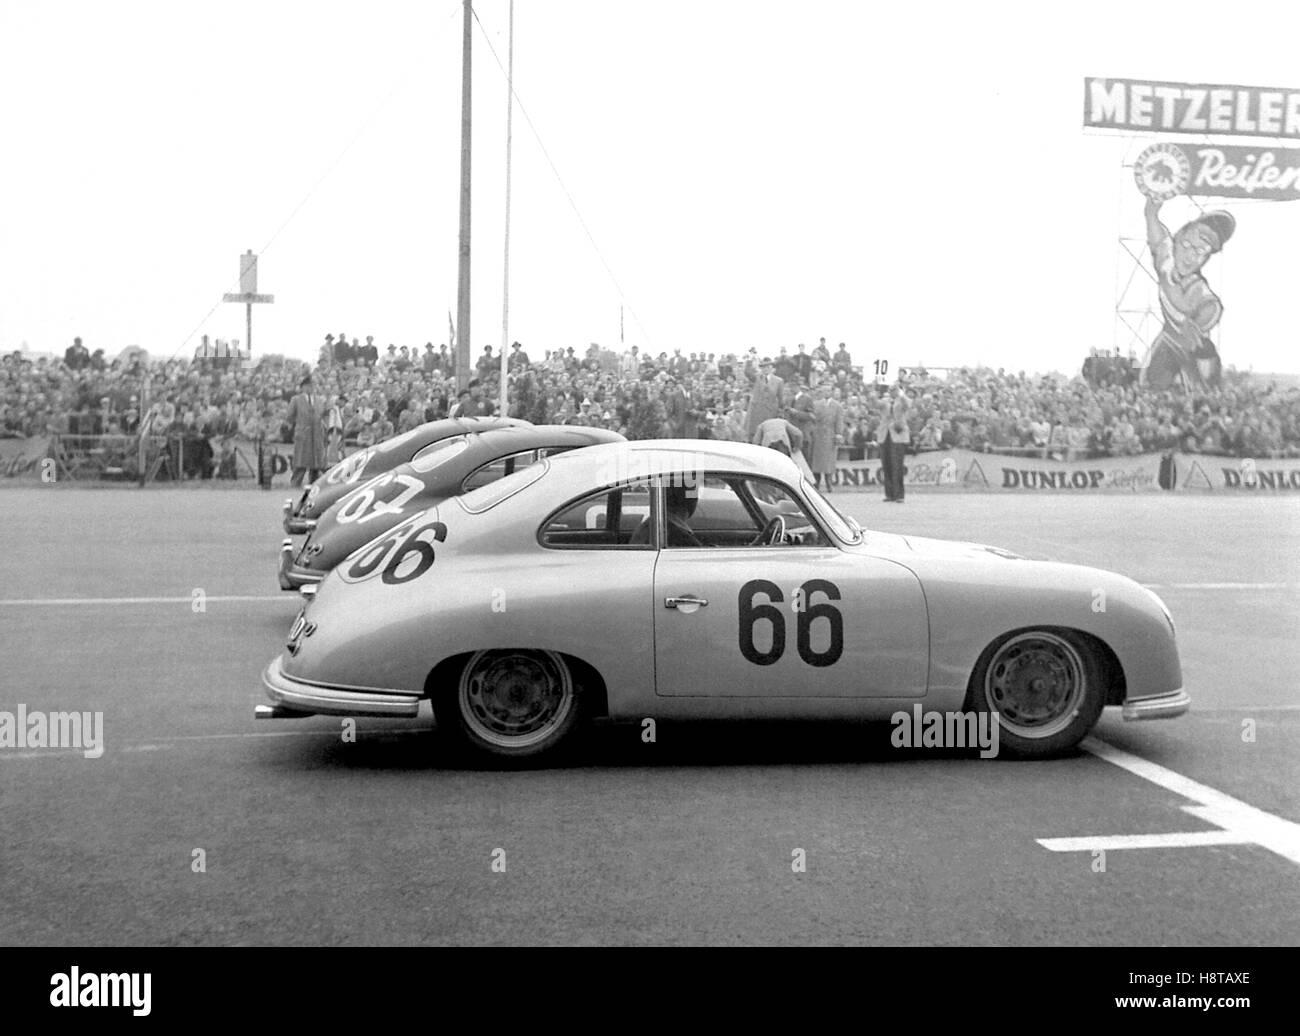 1954 BERLIN GP GT FRONT ROW STARTLINIE BIS PORSCHE 356S Stockbild